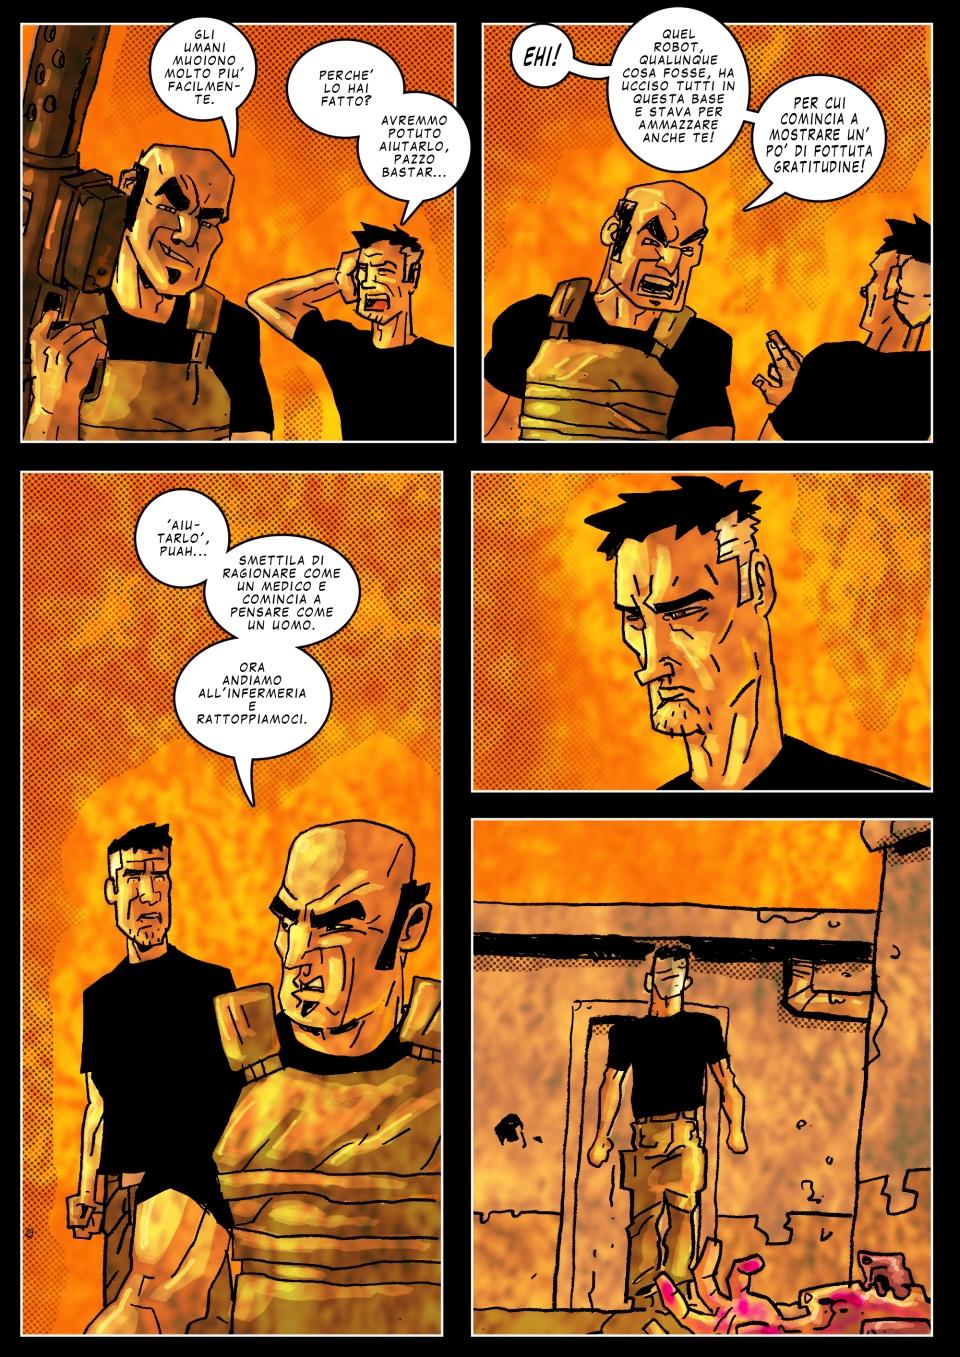 GaL 13 Bis - pagina 6